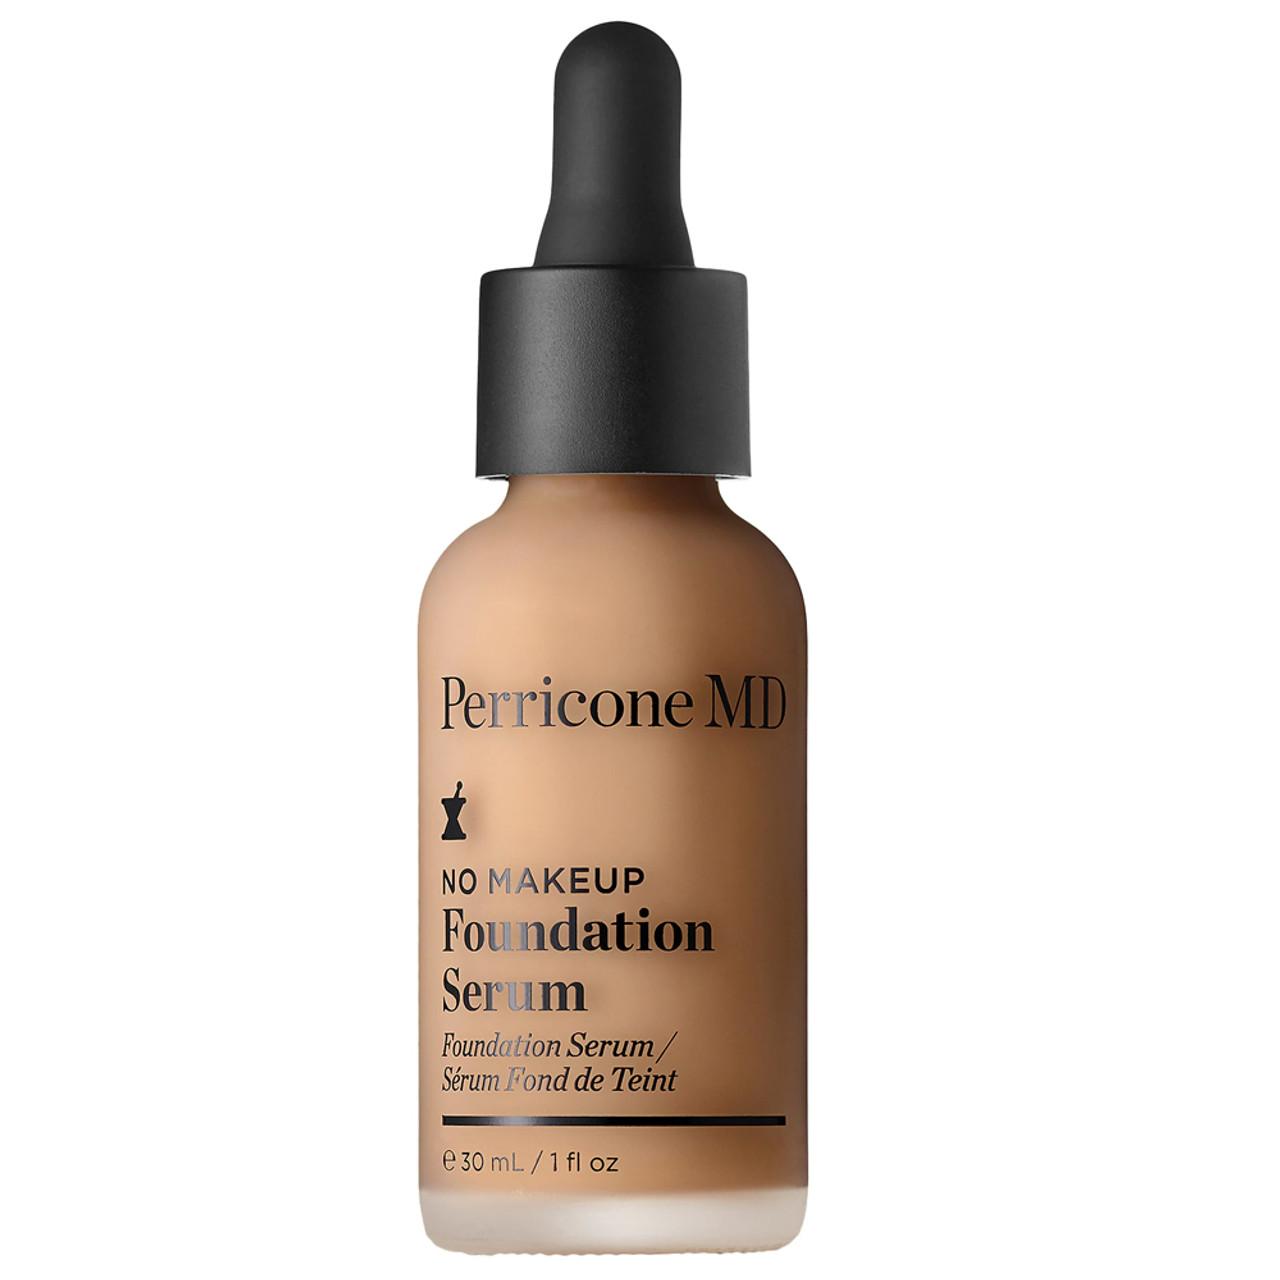 Perricone MD No Makeup Foundation Serum SPF 20 BeautifiedYou.com